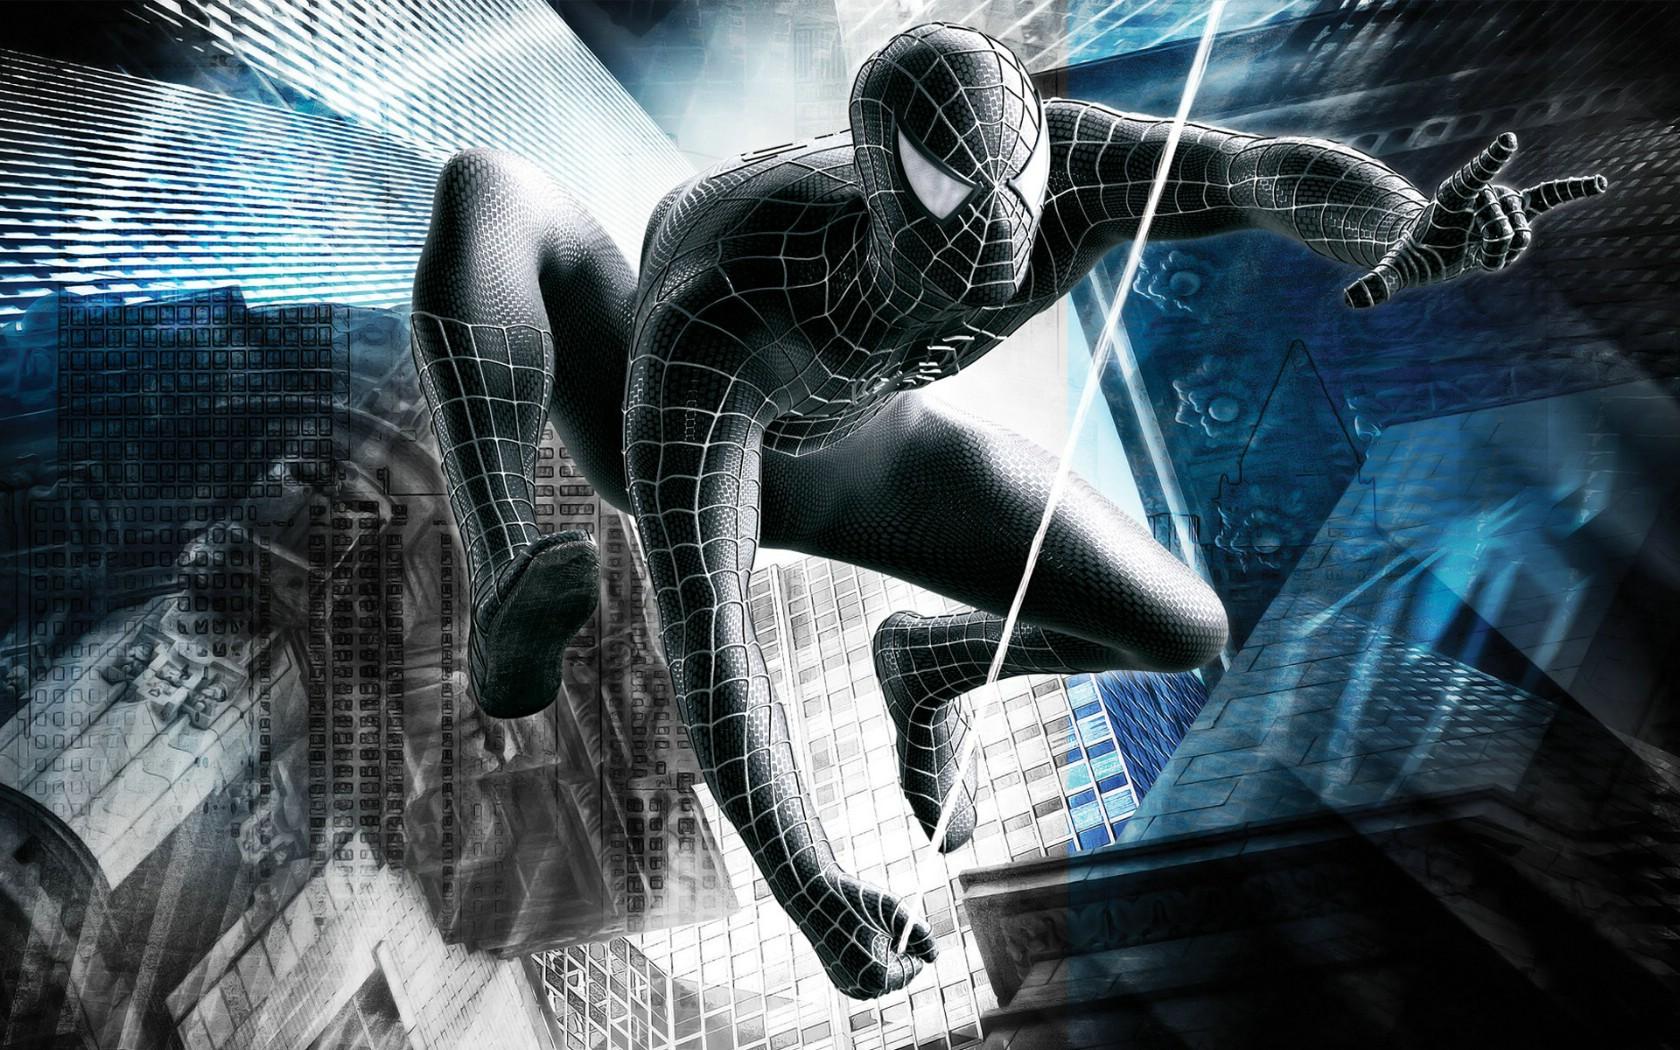 超凡 蜘蛛侠高清图库素材免费下载(图片编号:1007460),图片尺寸:1024